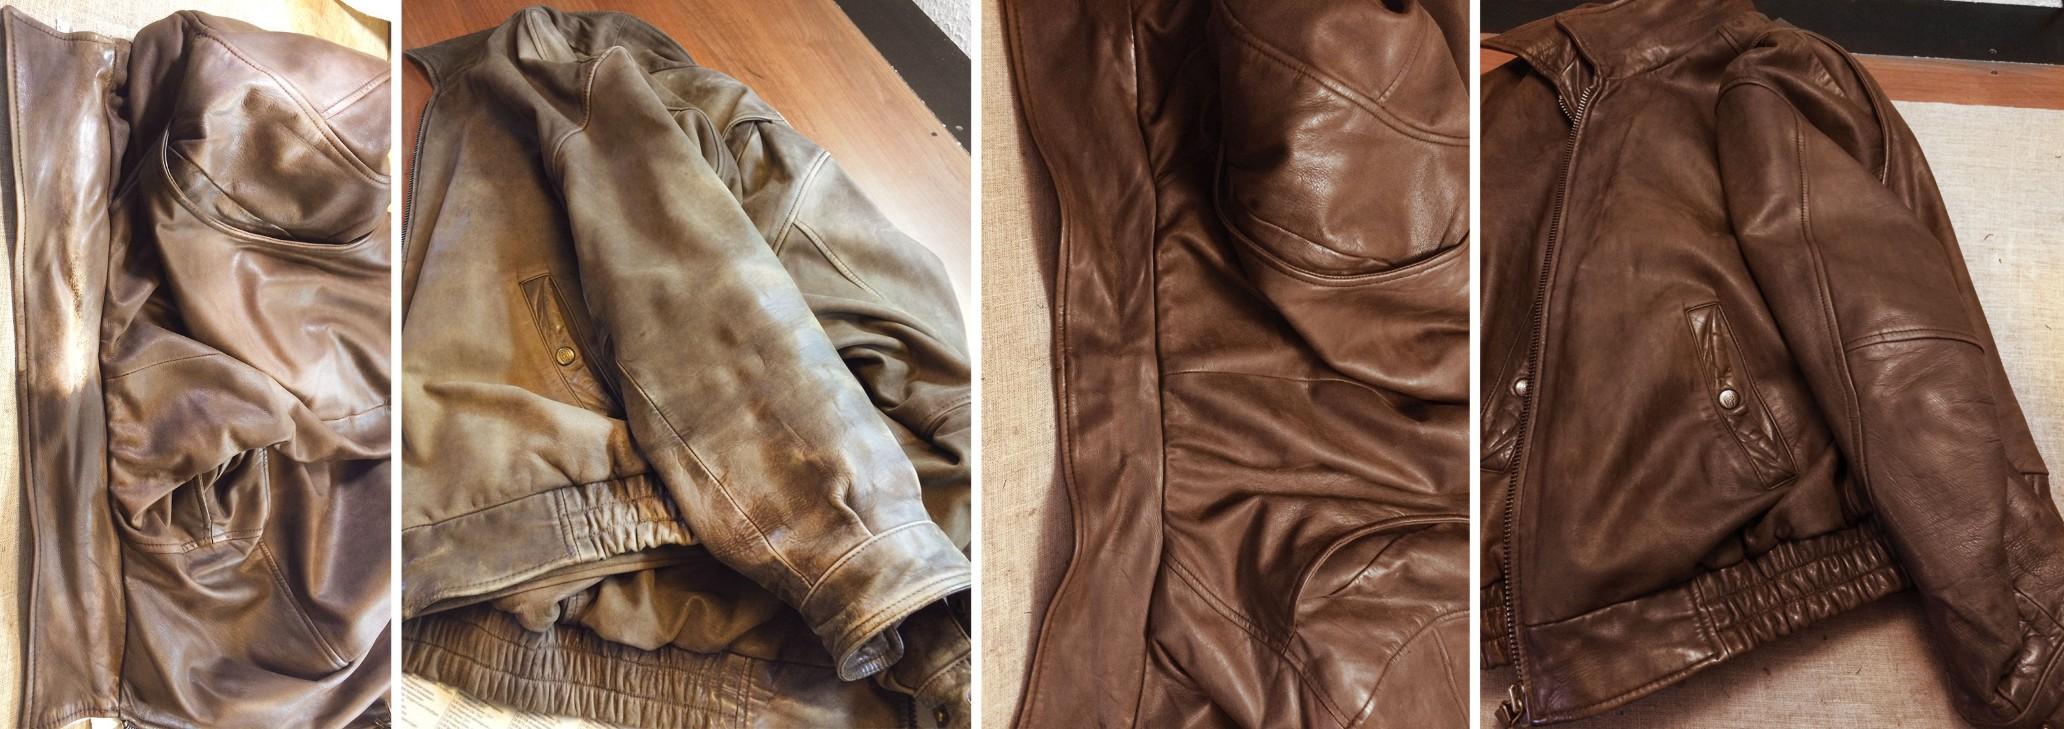 Как сделать резинку внизу куртки